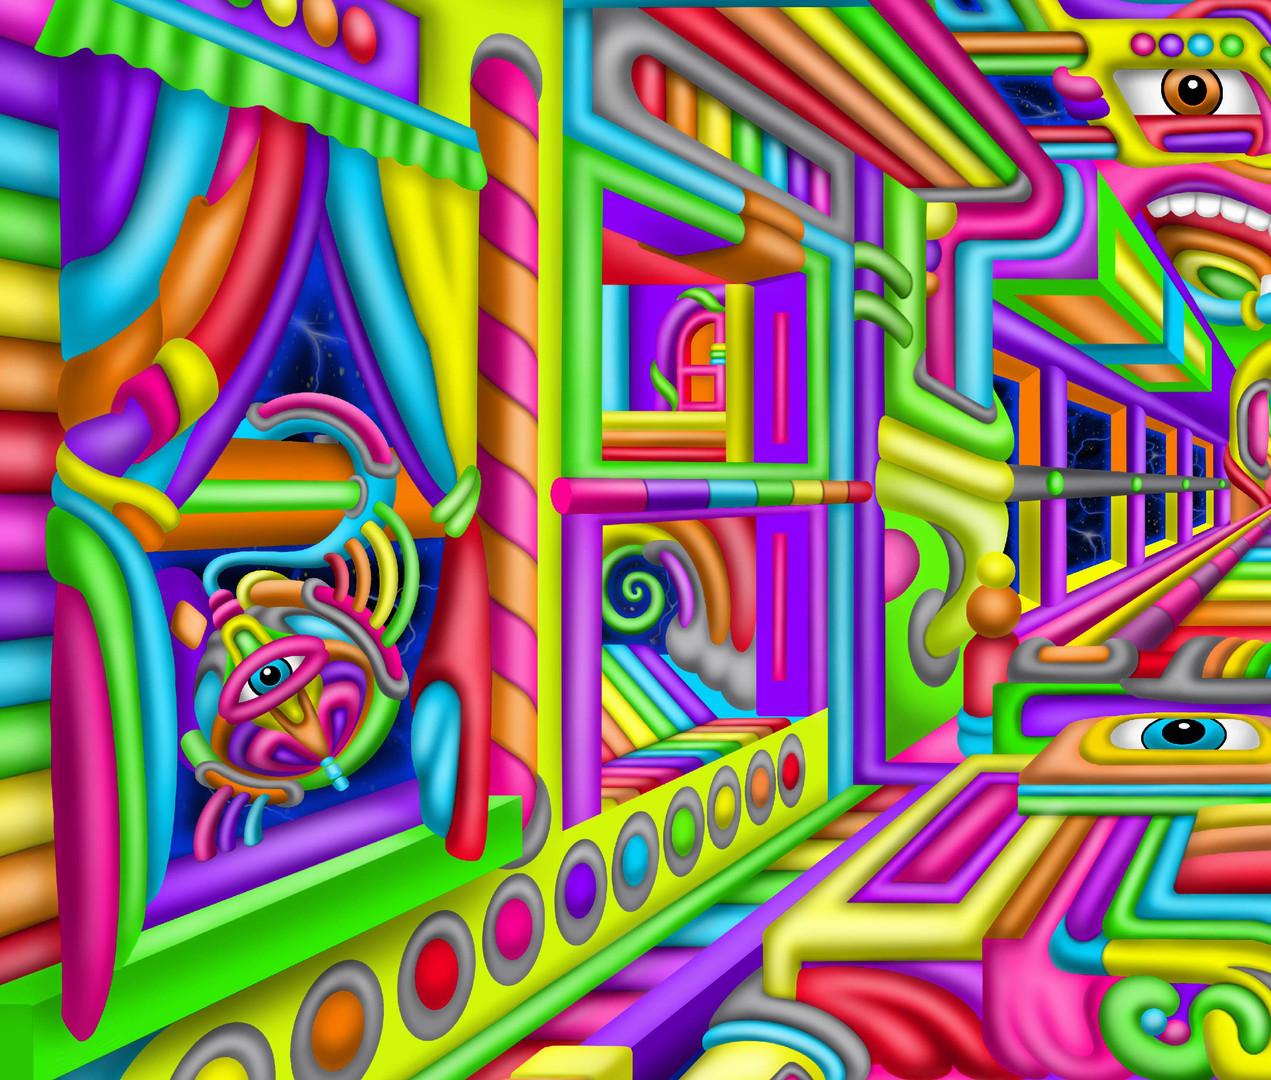 DMT trip art by Ayjay